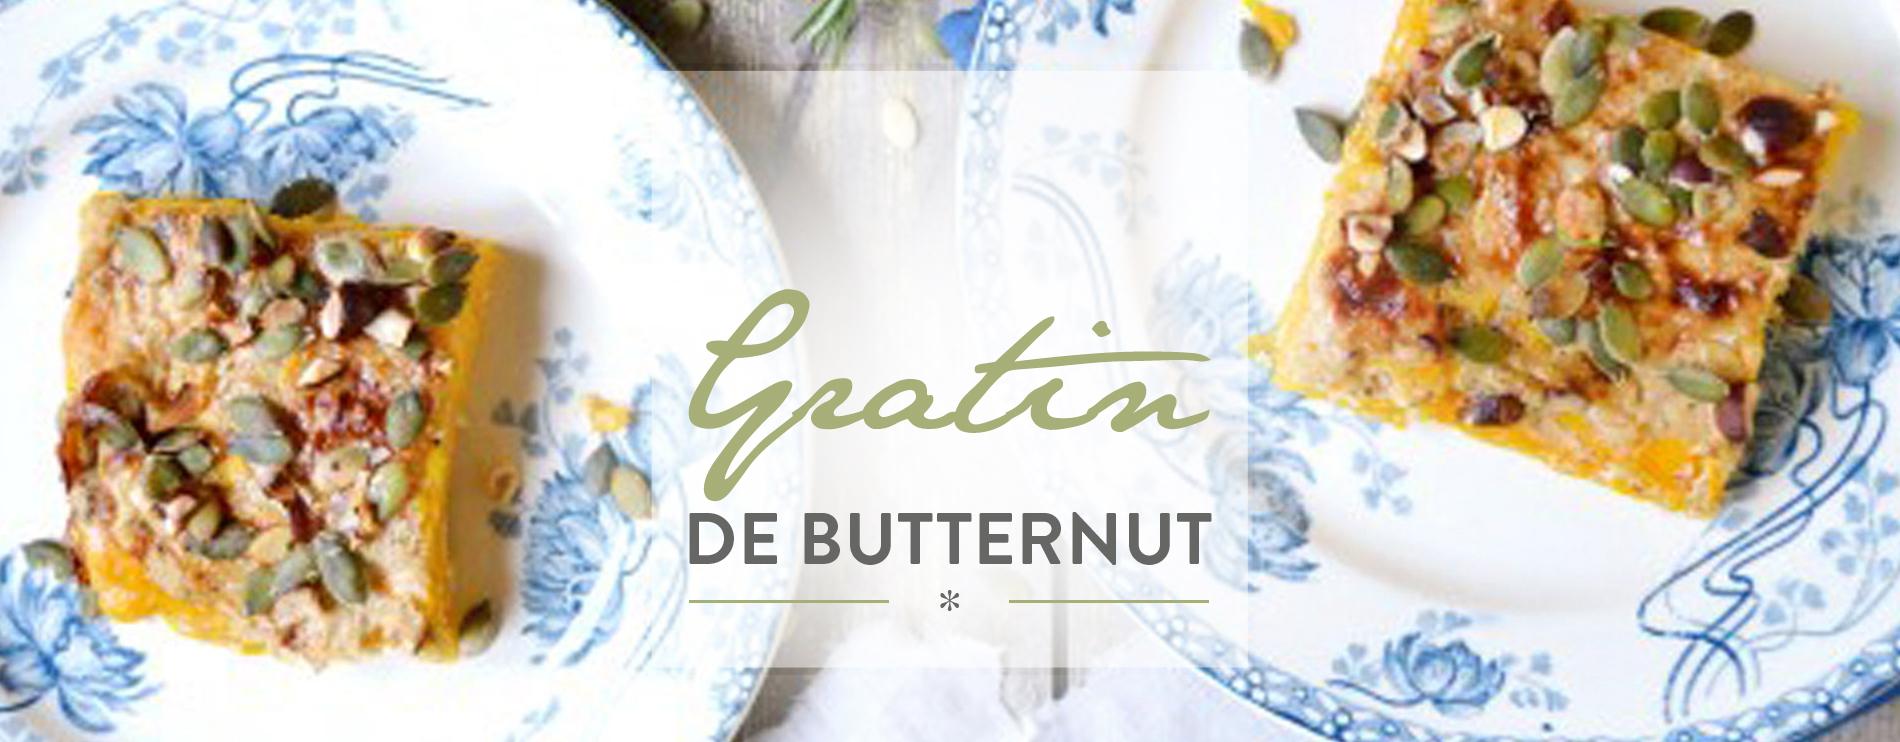 Gratin de butternut